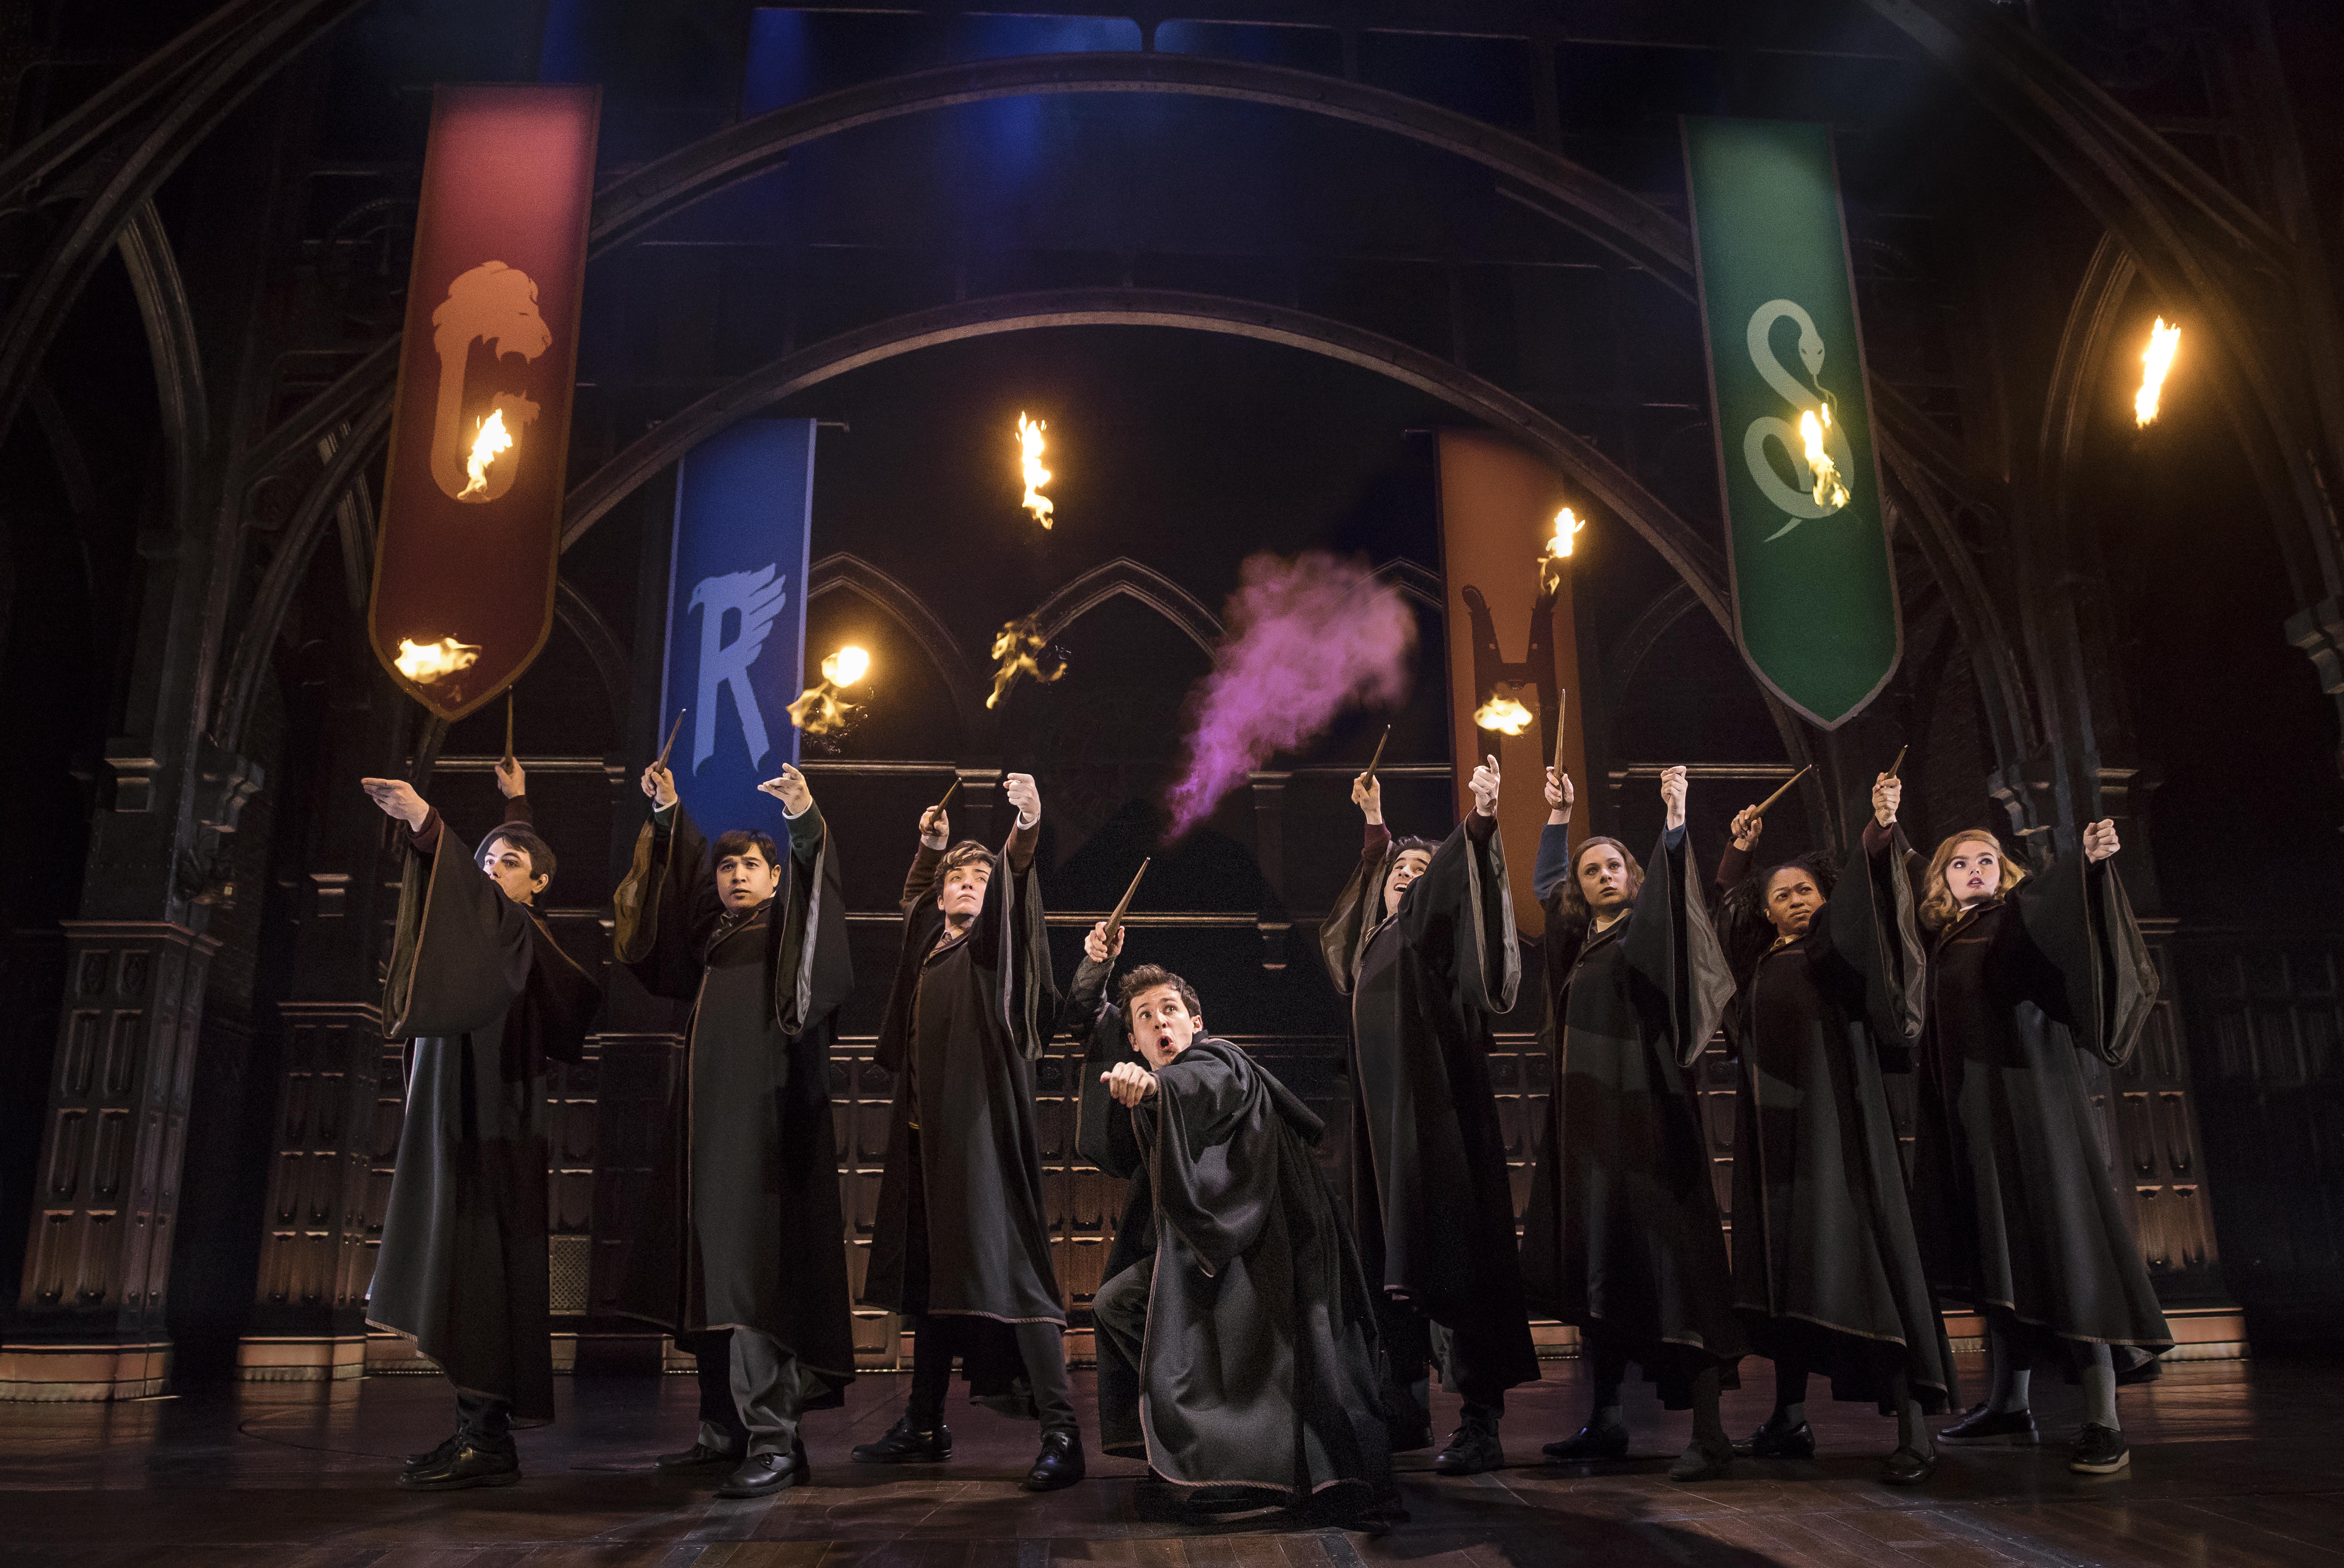 Hamburg Ist Das Neue Hogwarts Harry Potter Und Das Verwunschene Kind Feiert Im Marz Premiere Minutenmusik